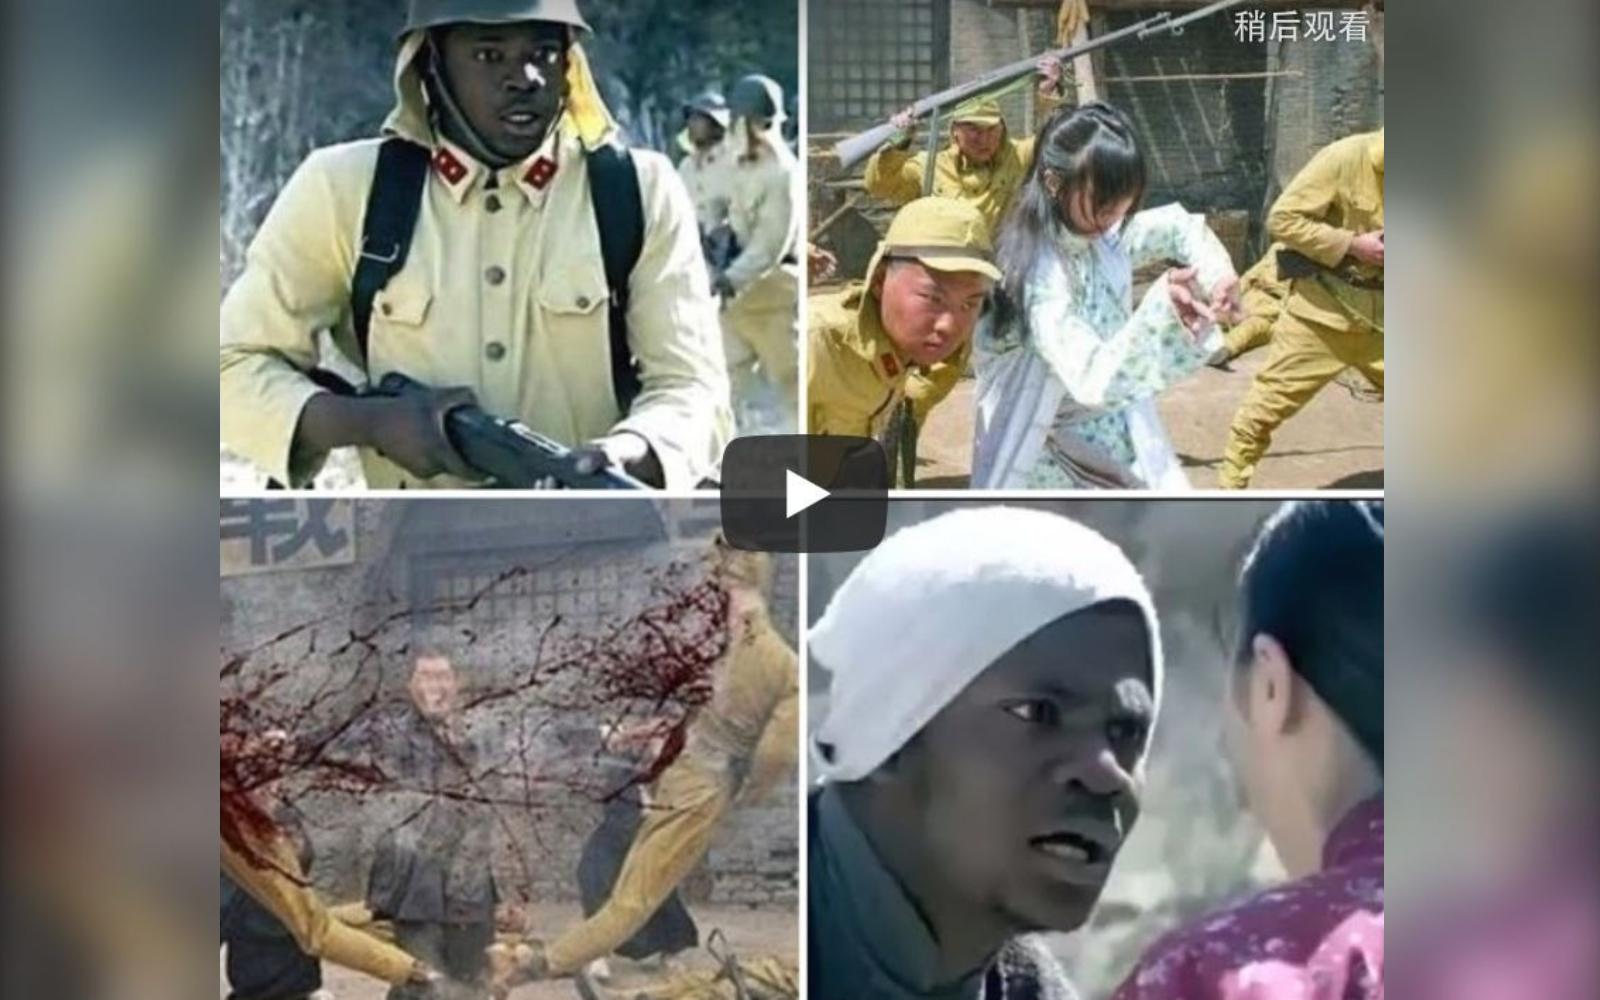 中共政治題材的影片在大陸影視界一向是禁區,但抗日劇卻一路通行,其中有不少違背歷史常識的影片,備受輿論詬病。(影片截圖)